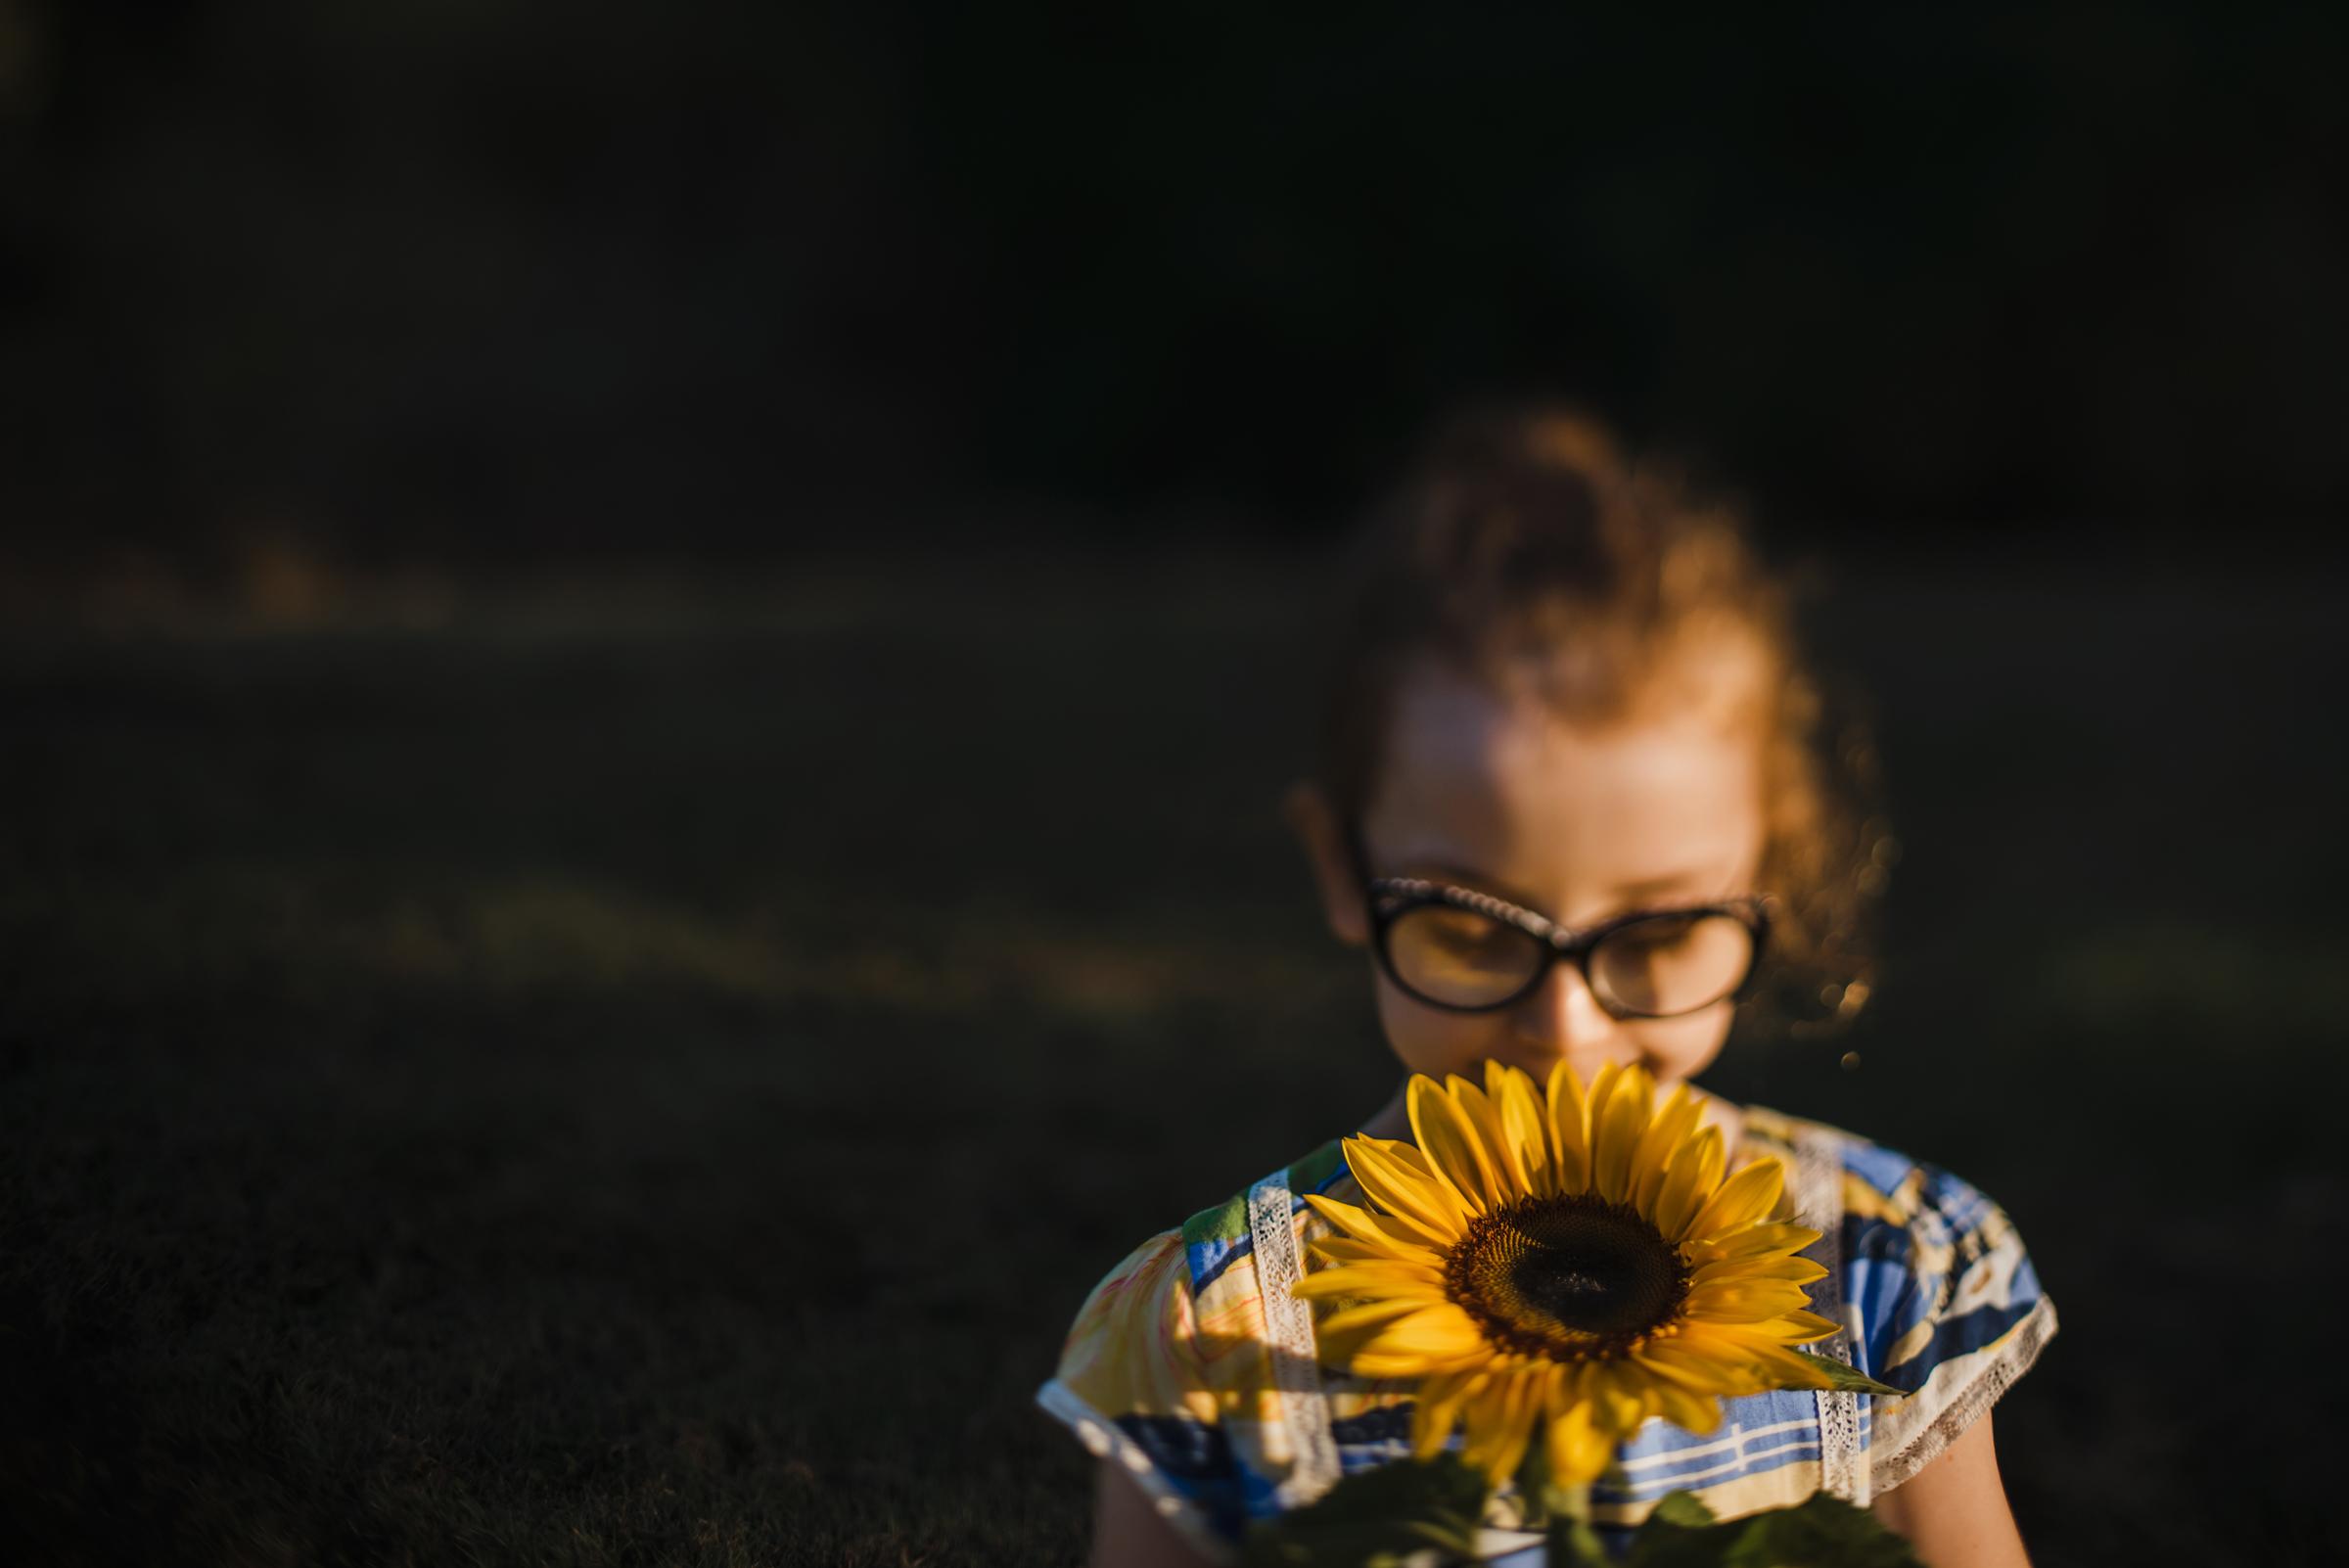 girl_smeeling_sunflower.jpg